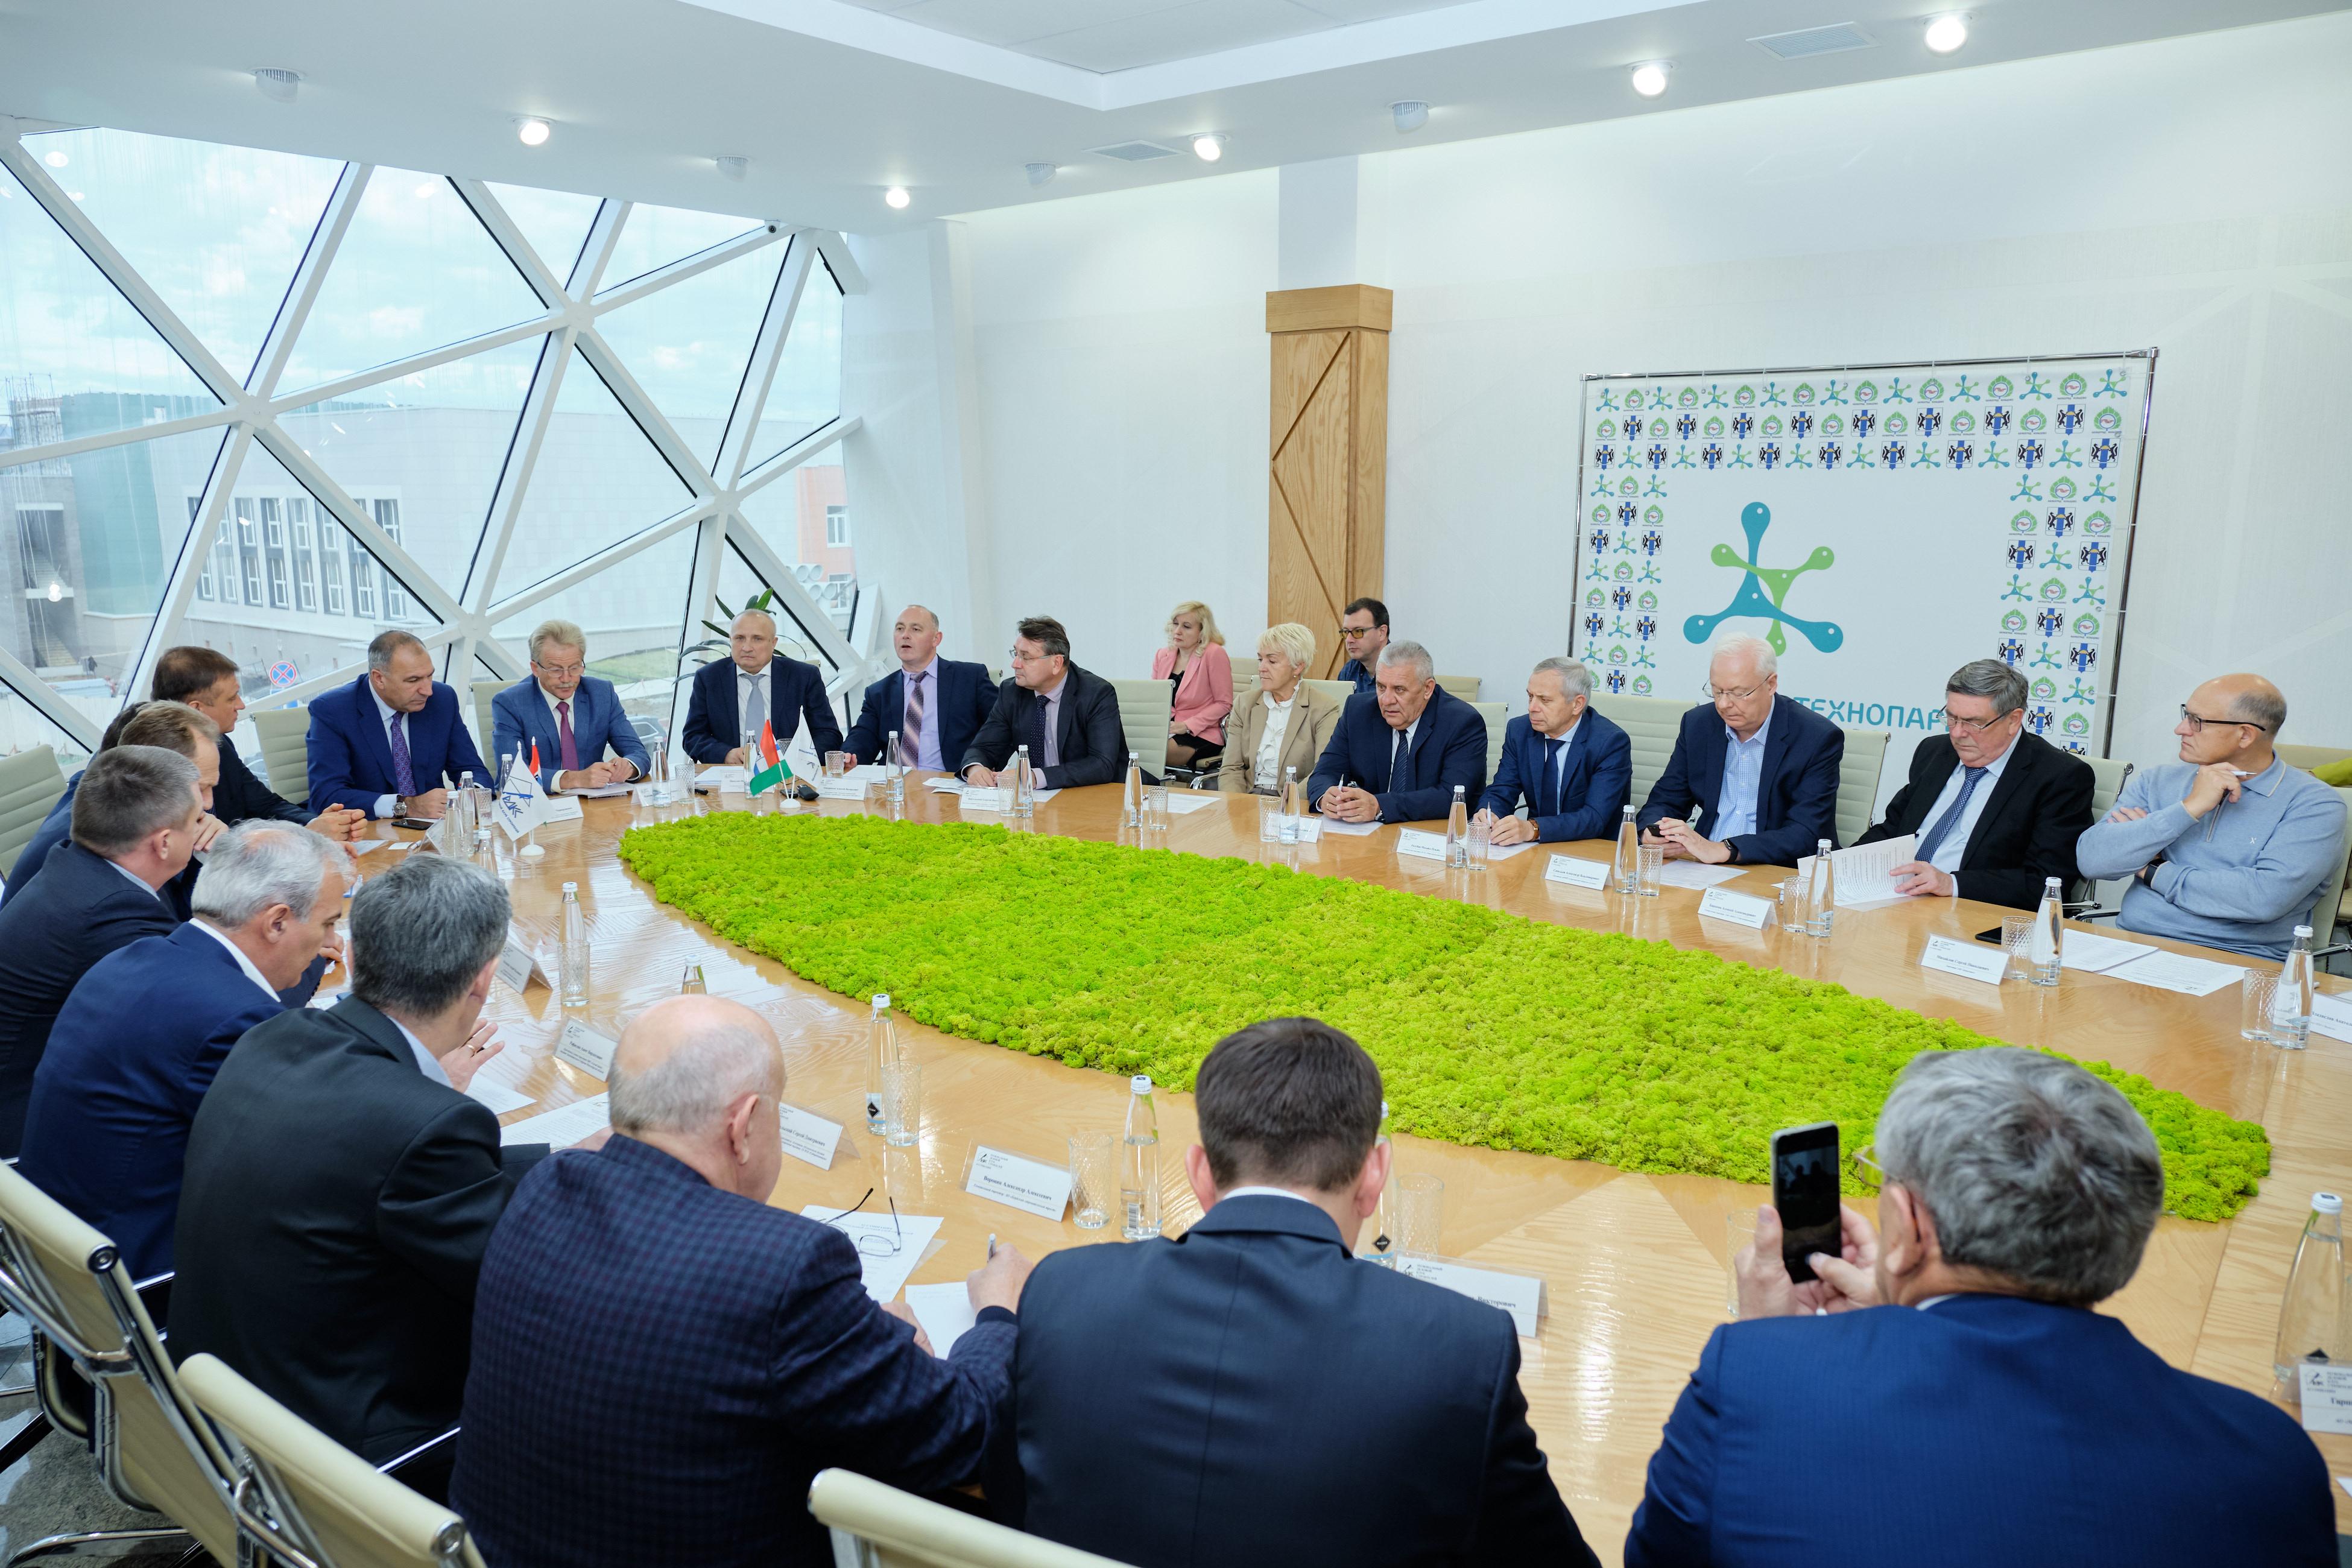 01 октября Региональный деловой клуб строителей провел расширенное выездное заседание в поселке Кольцово Новосибирской области